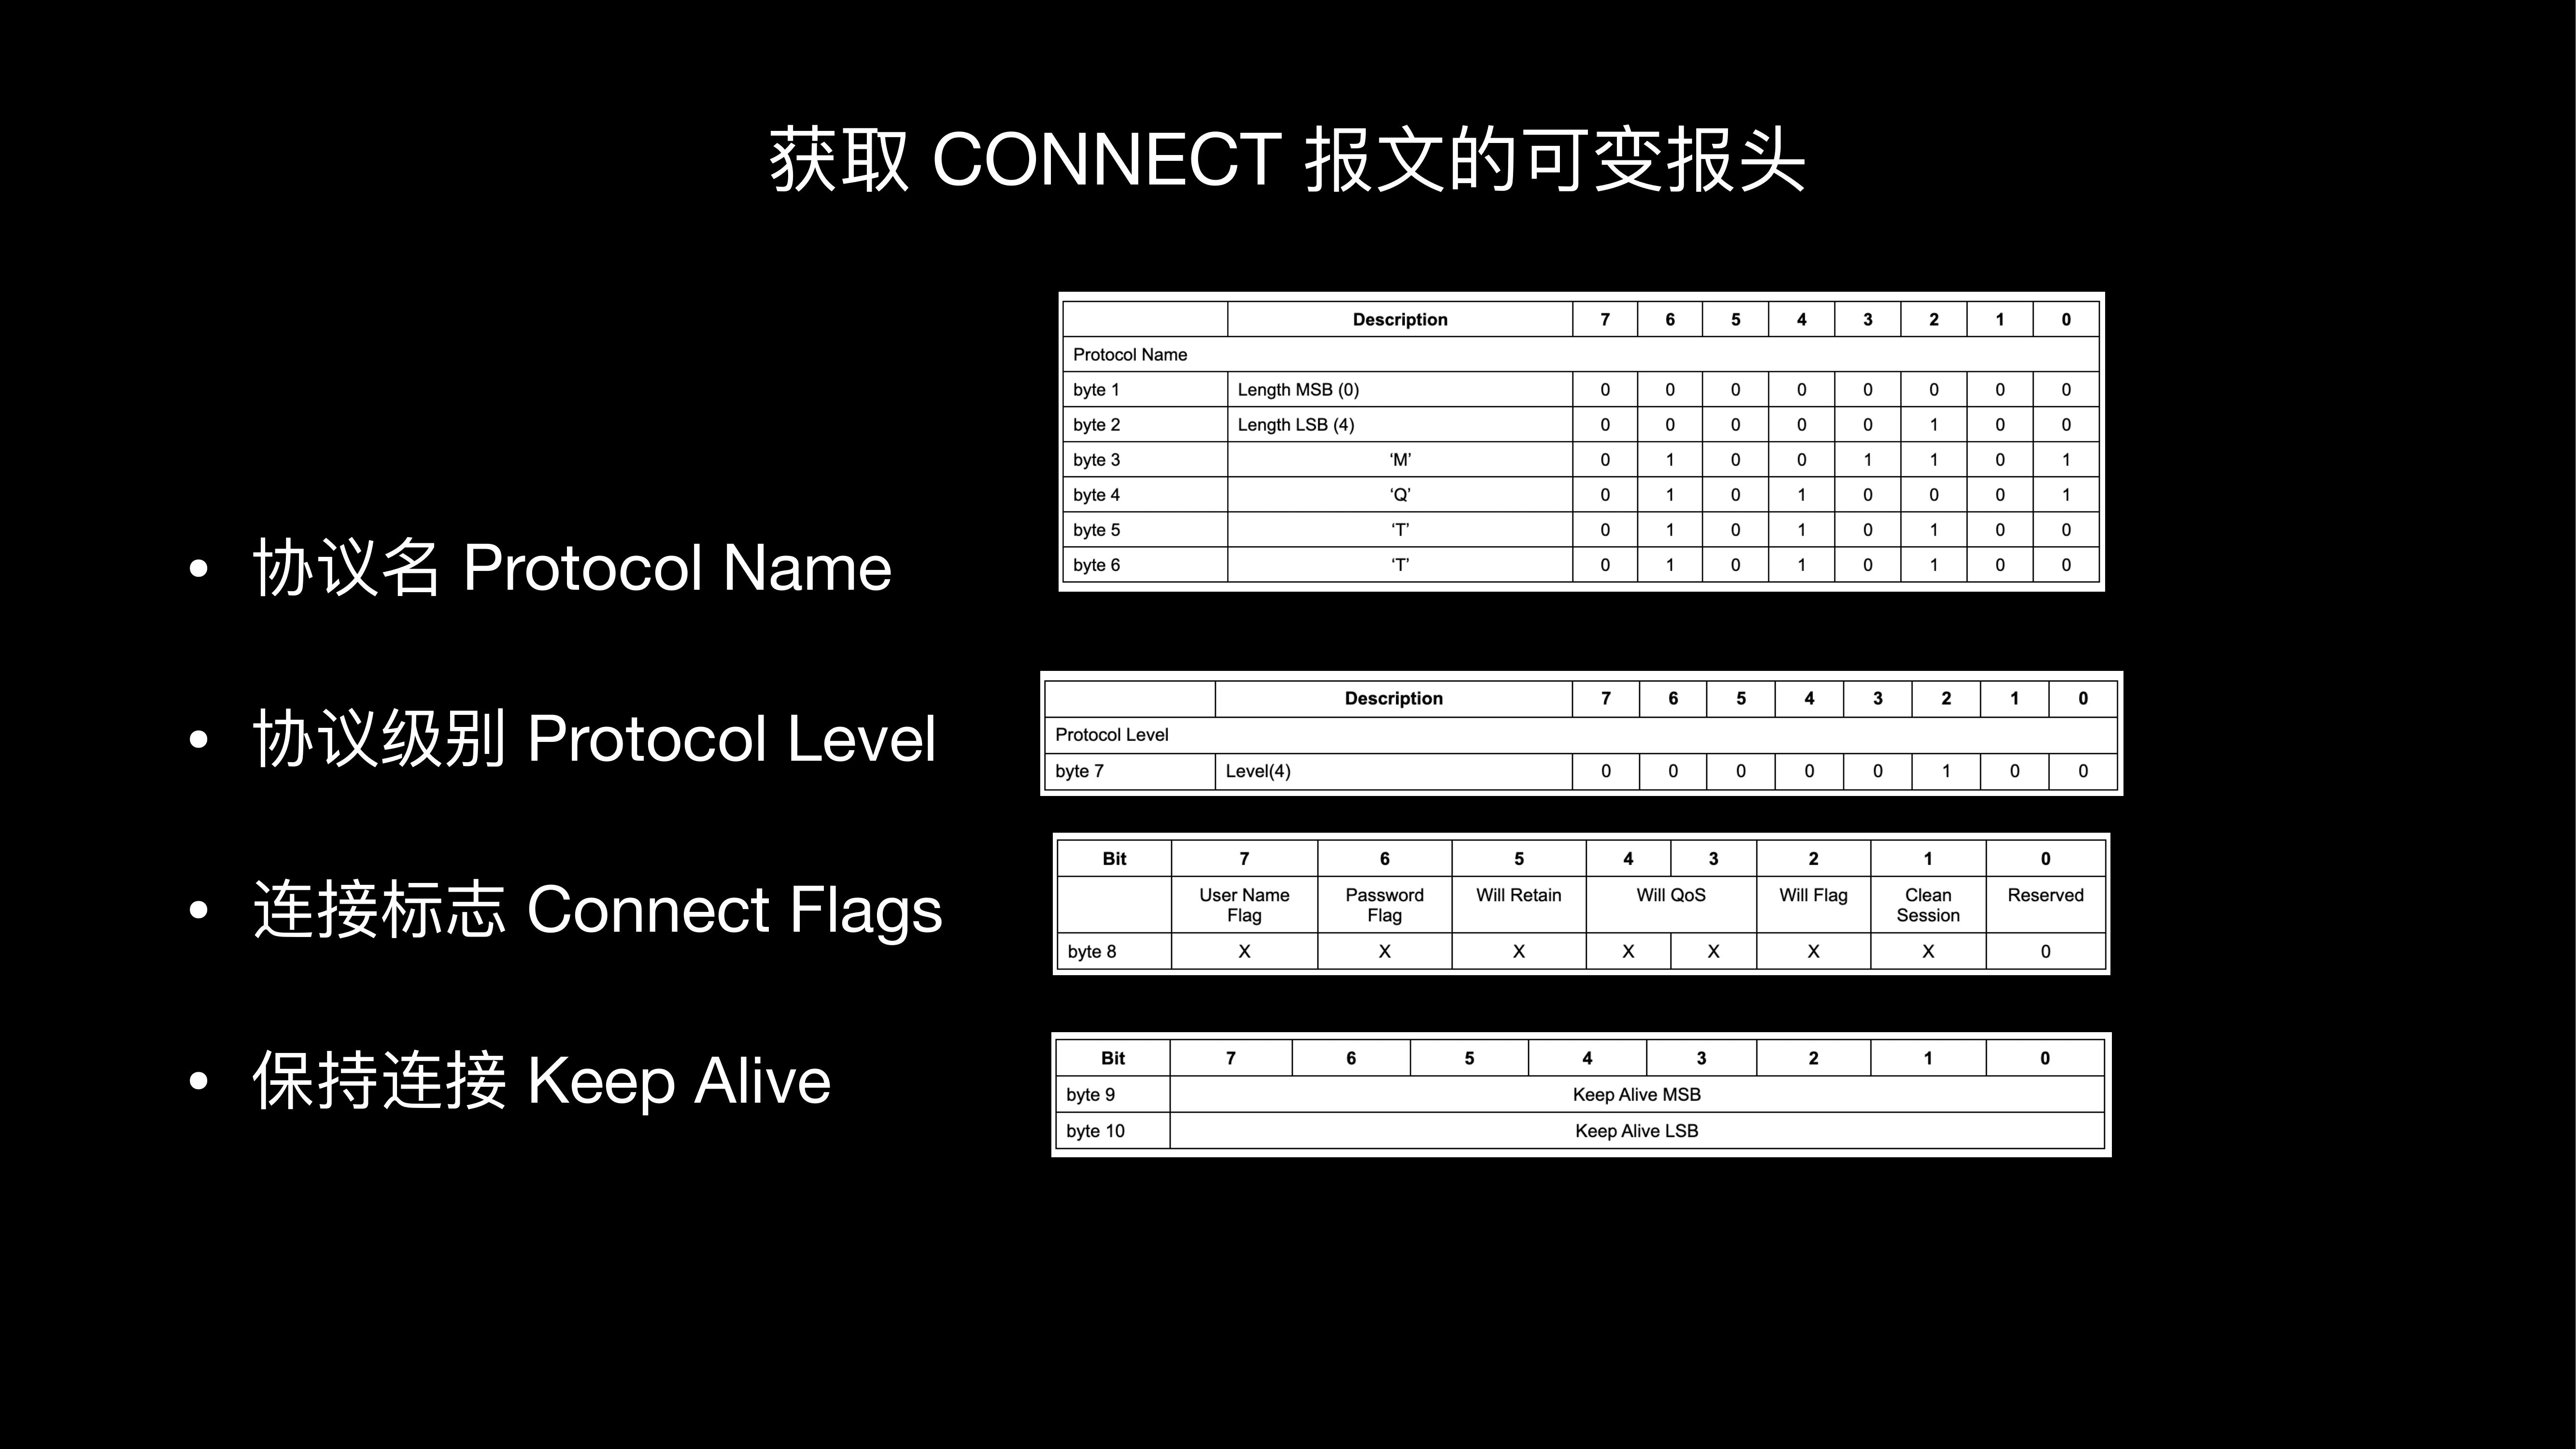 获取CONNECT报文